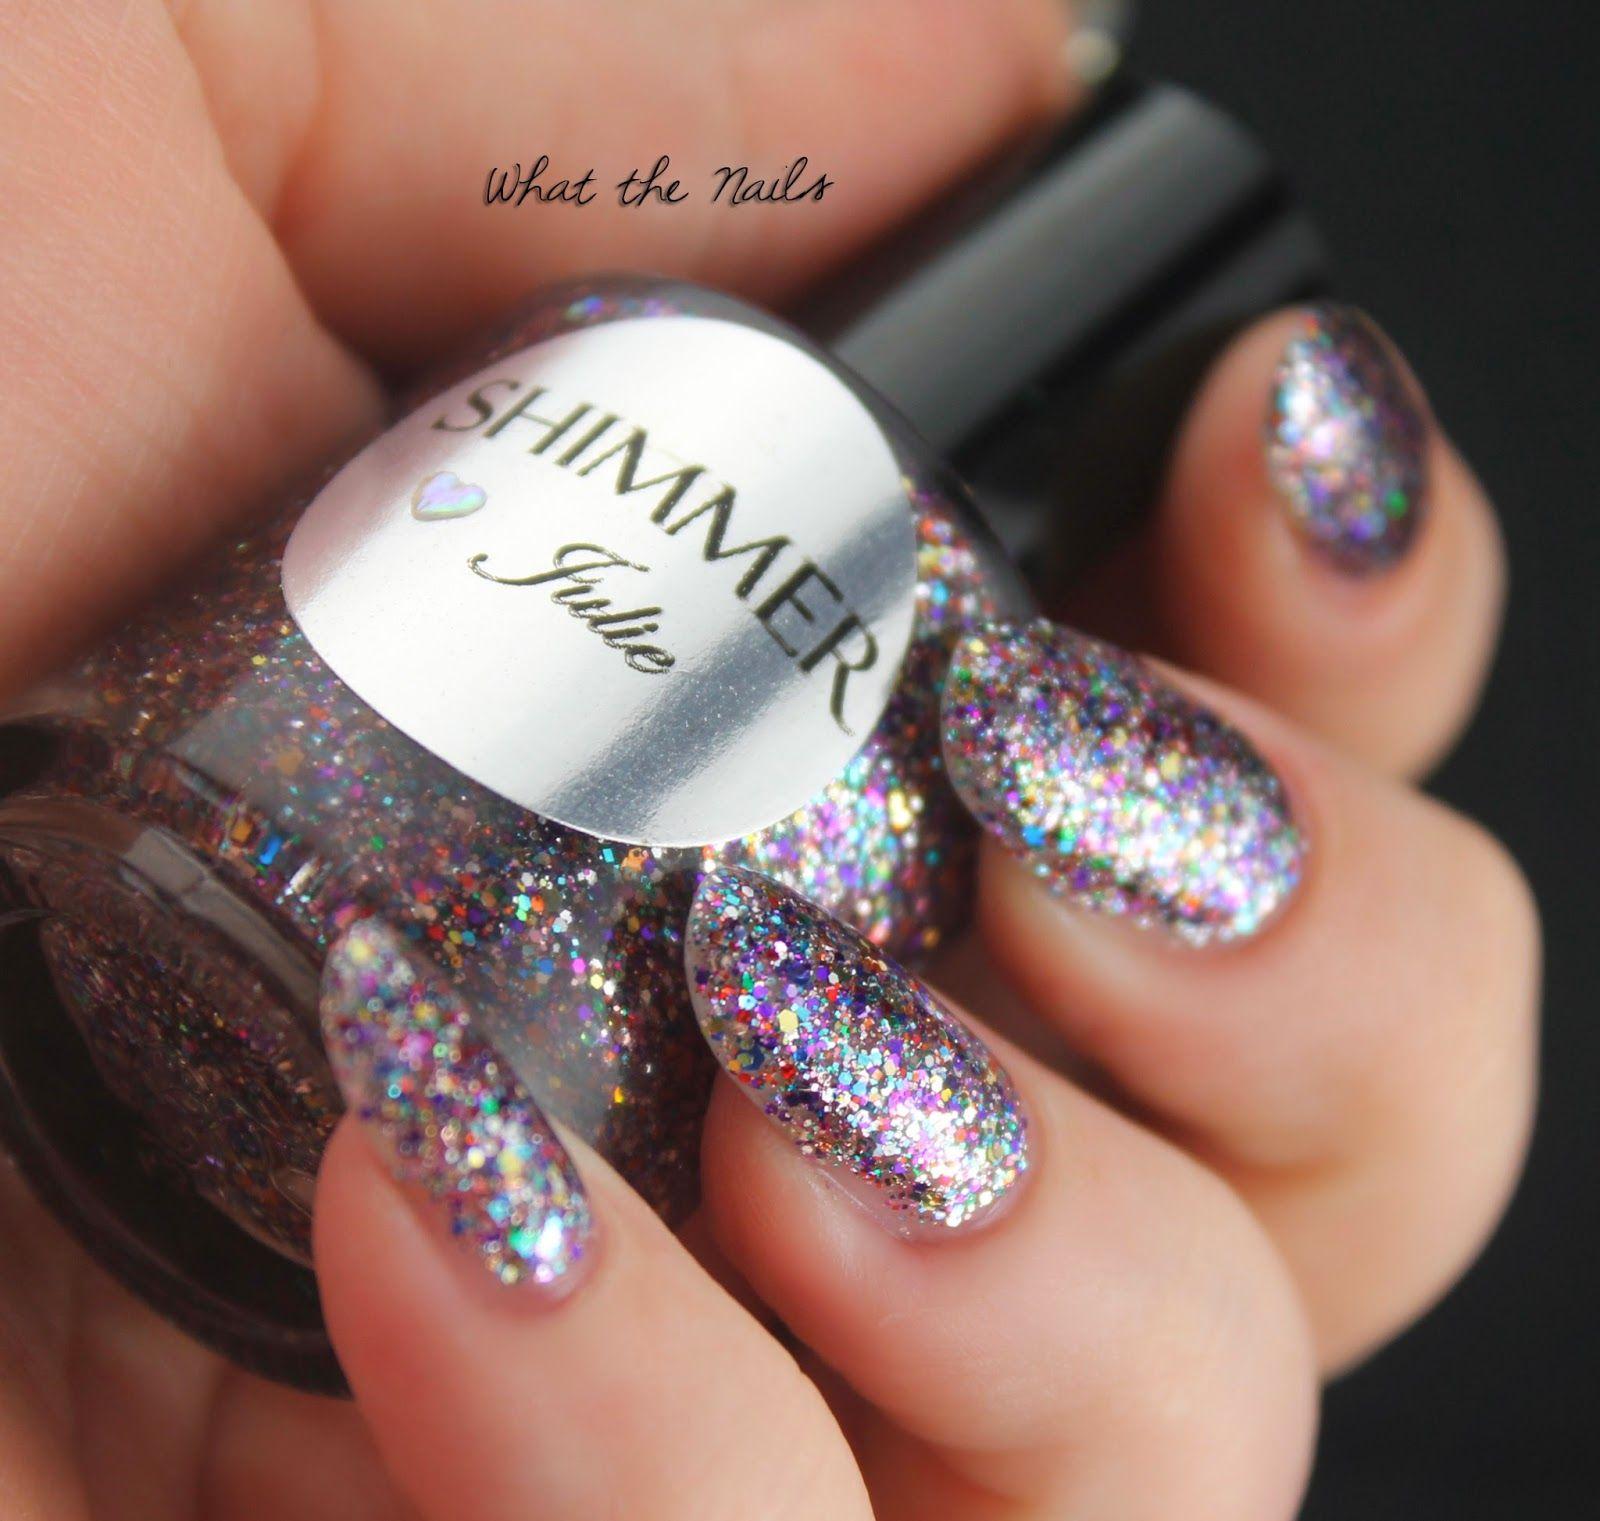 Shimmer Polish Julie What the Nails Nail shimmer